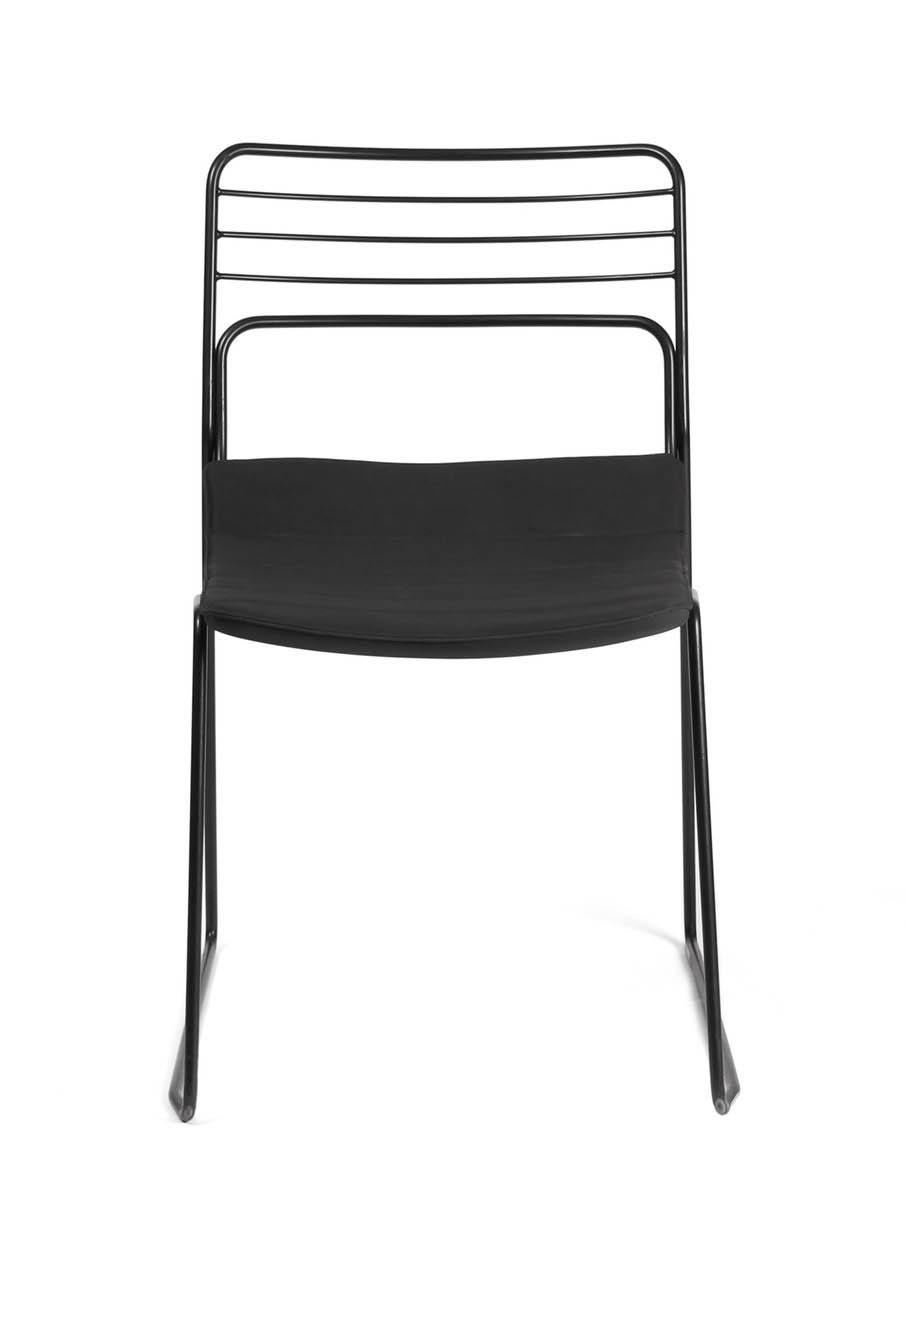 4-Silla-Multiuso-Reg-Frontal-1380